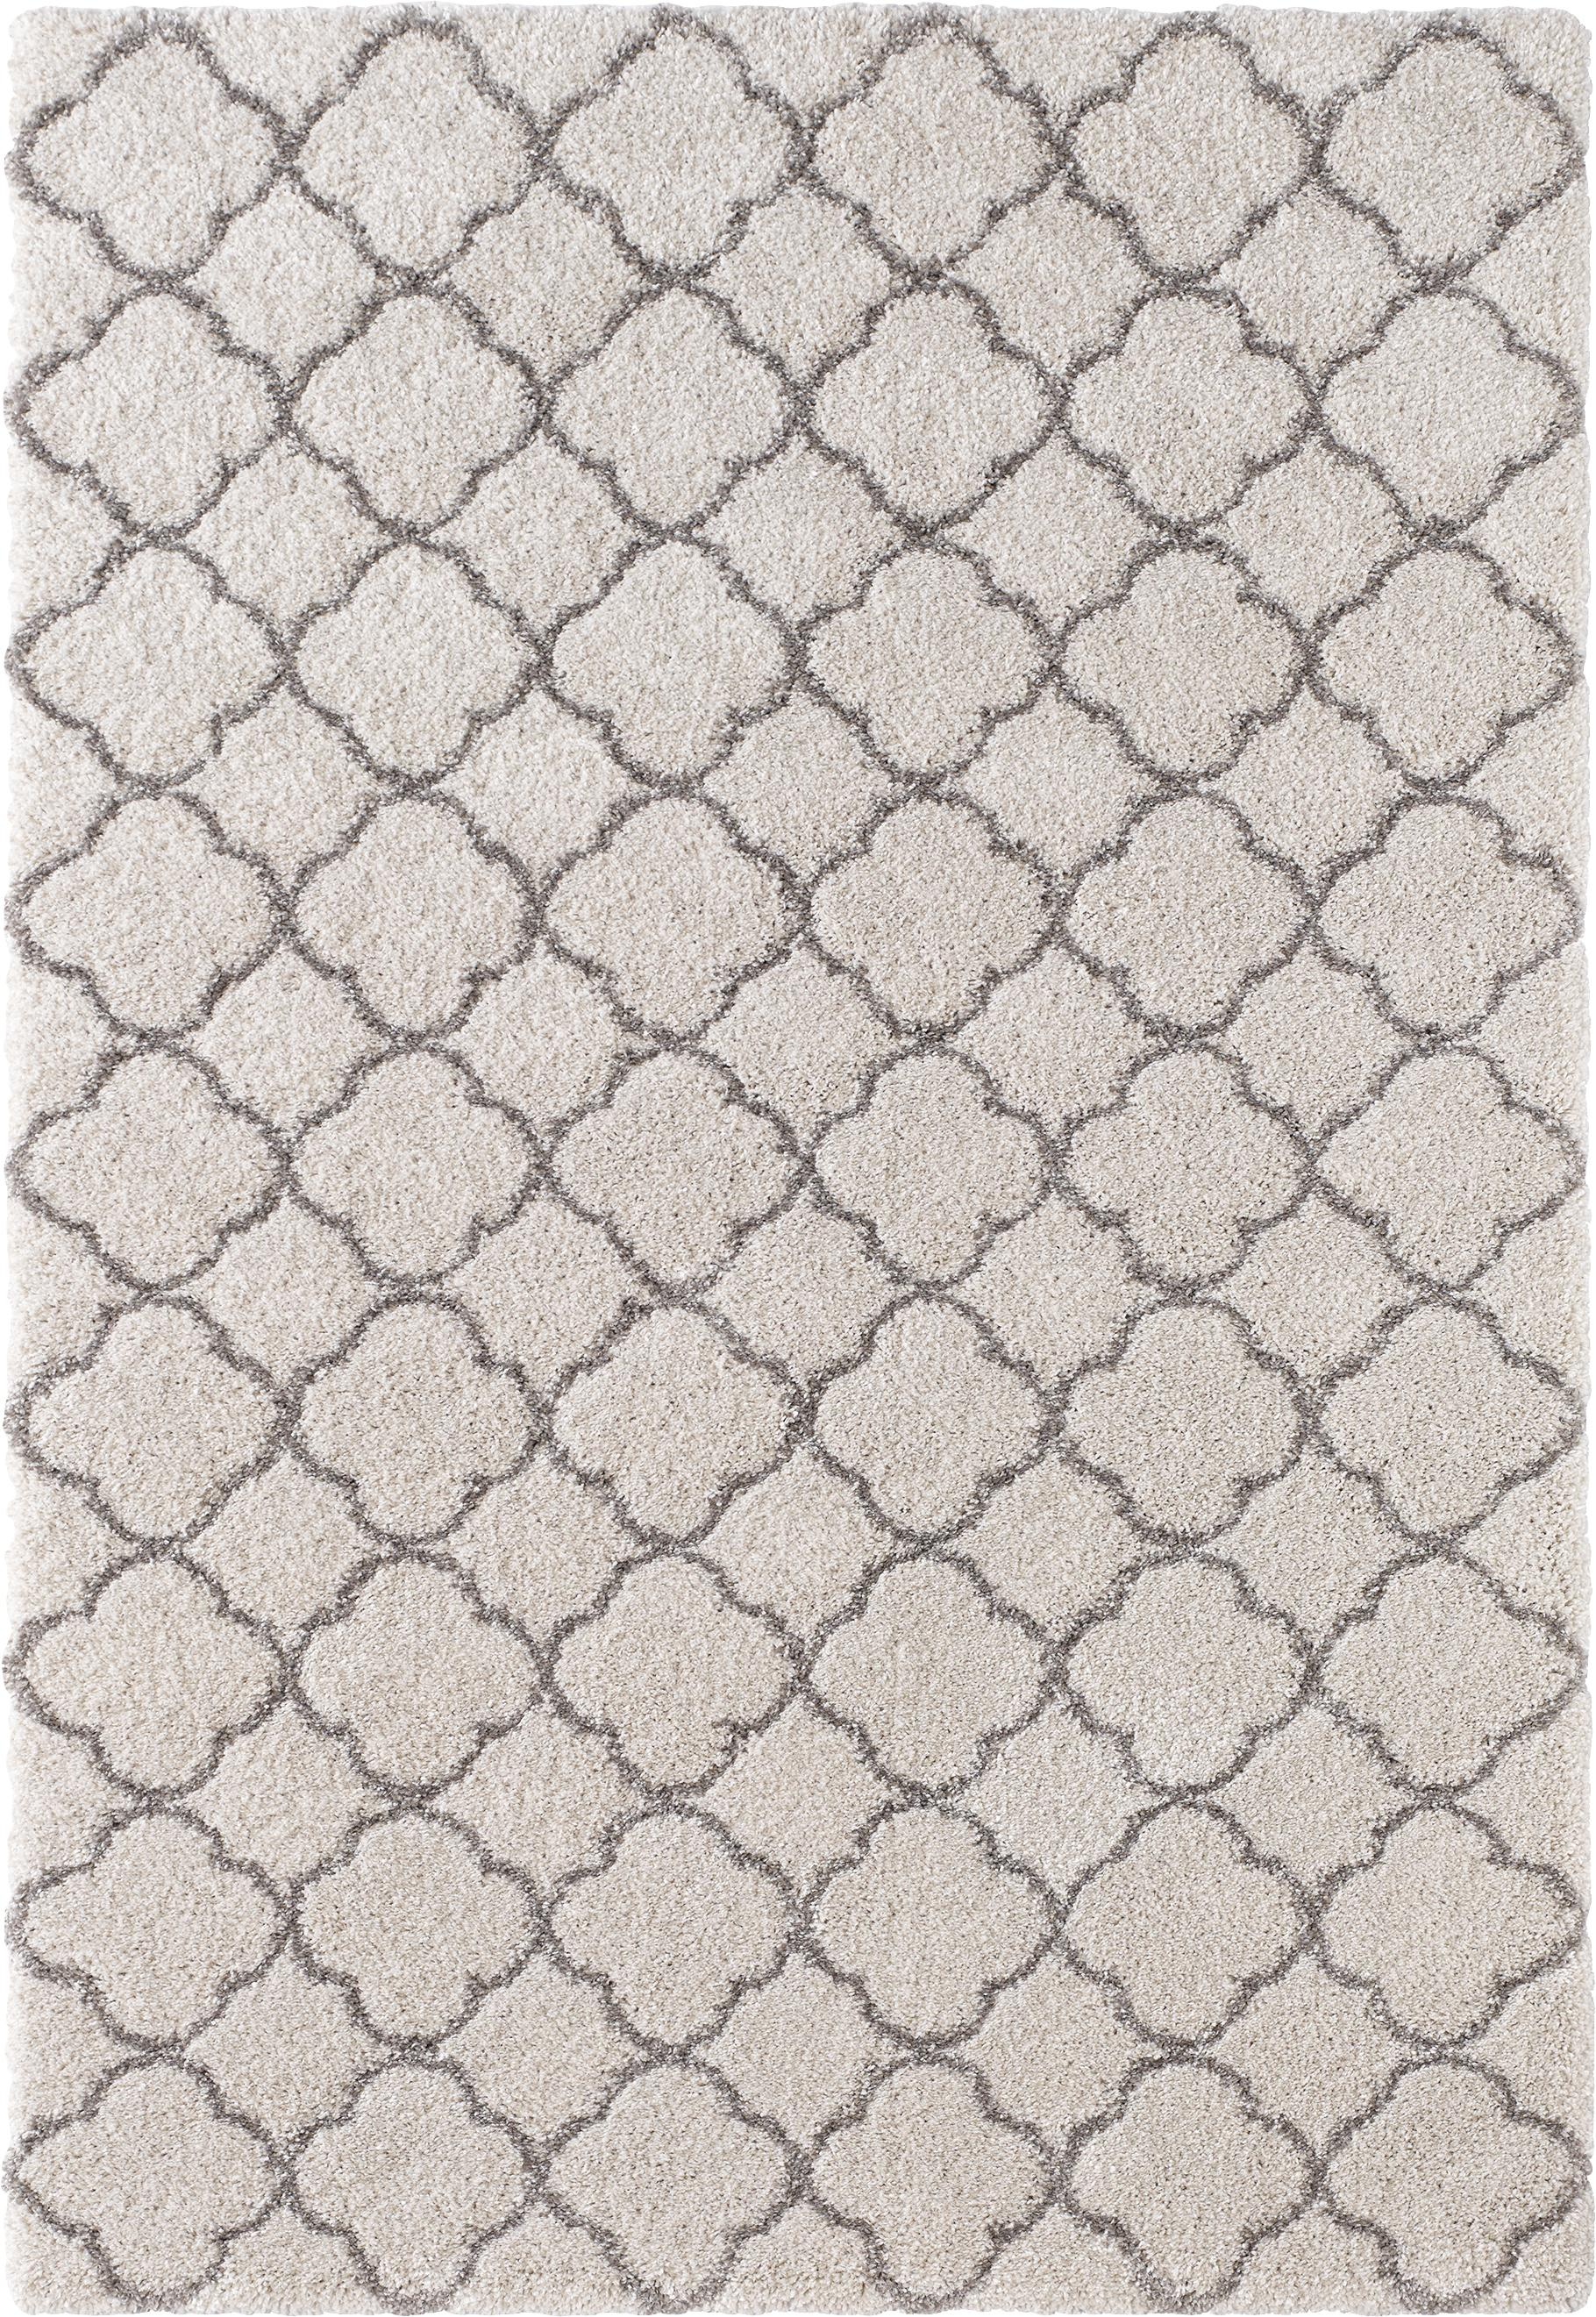 Tappeto a pelo corto crema-grigio Grace, Retro: juta, Crema, grigio, Larg. 200 x Lung. 290 cm (taglia L)